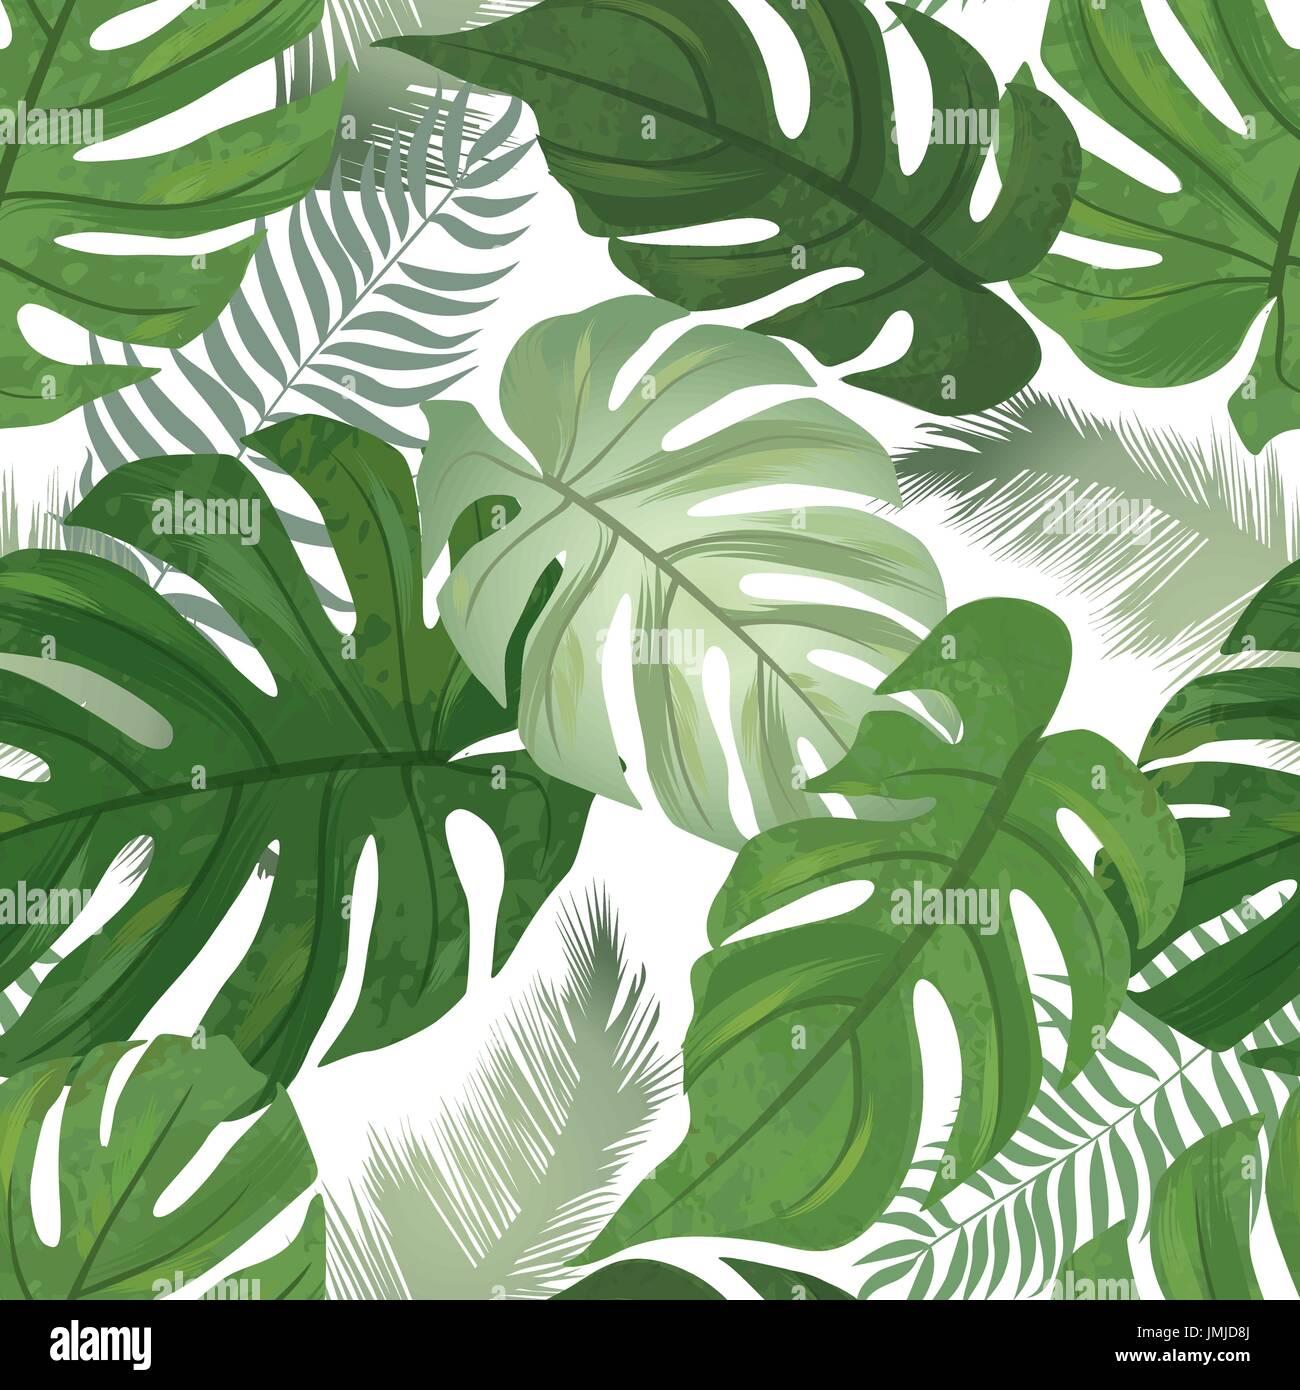 Floral seamless pattern. tropicale, lascia sfondo. Palm tree leaf texture della natura Immagini Stock